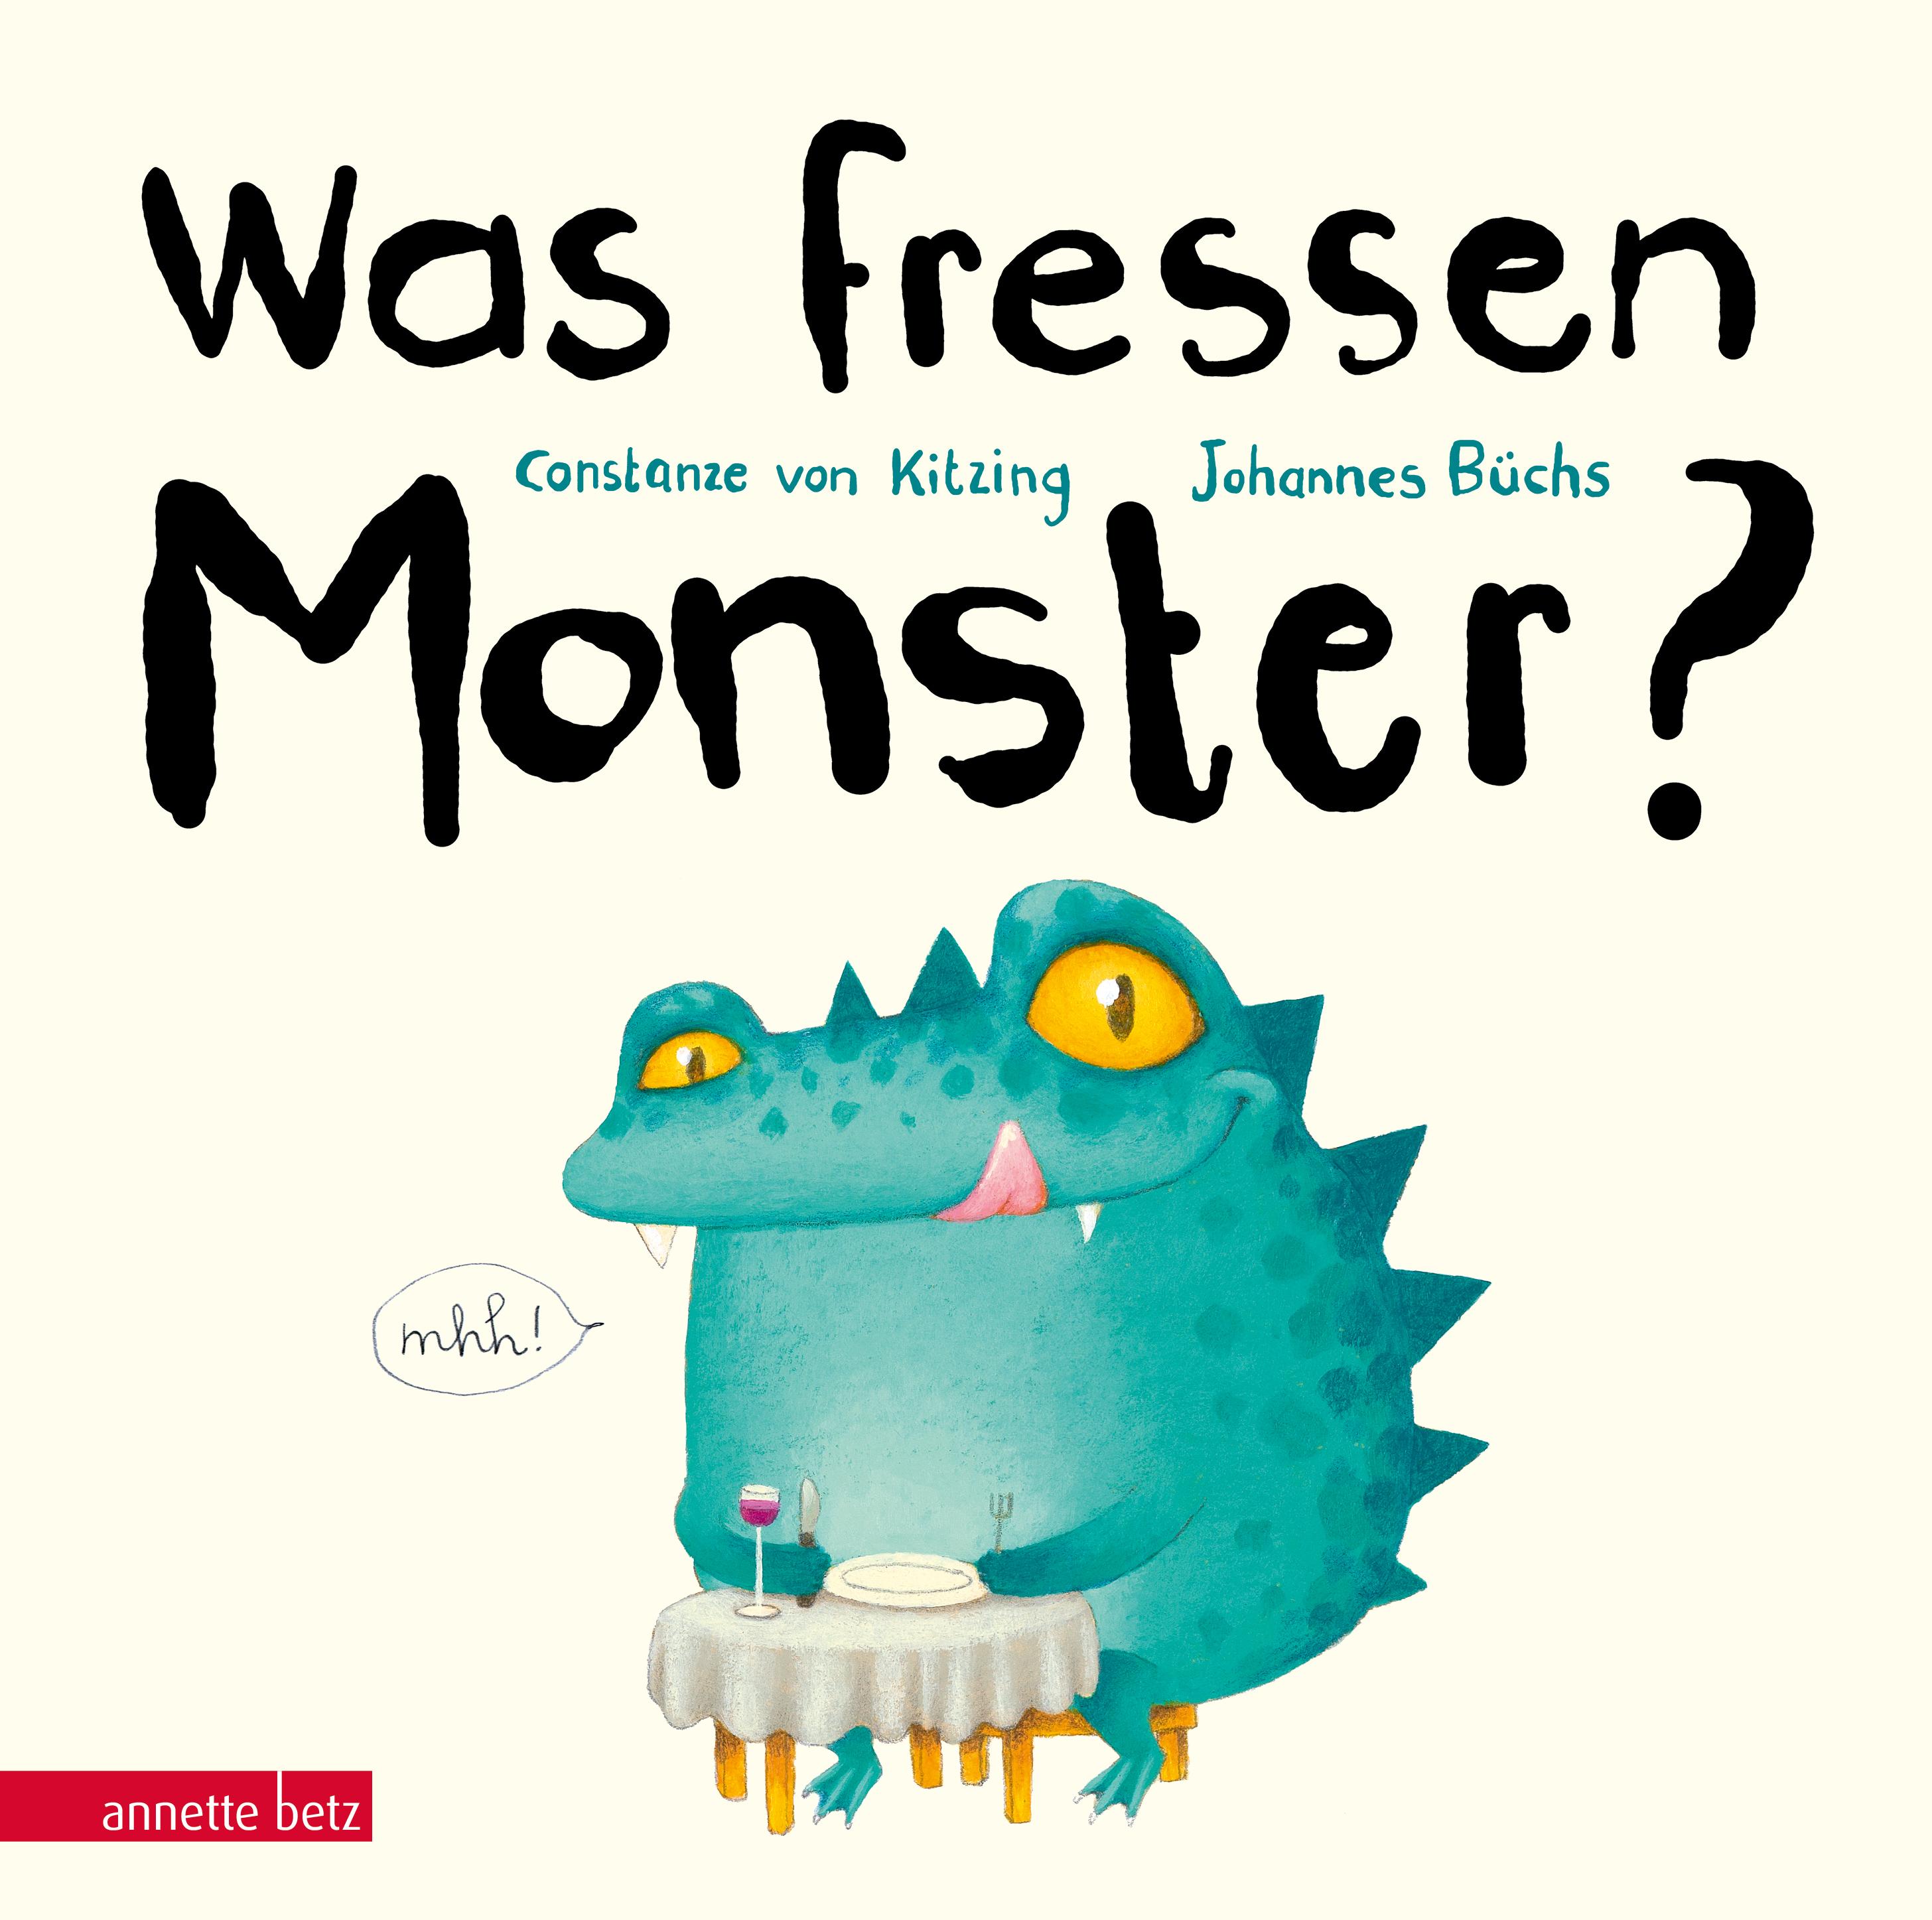 Was fressen Monster?